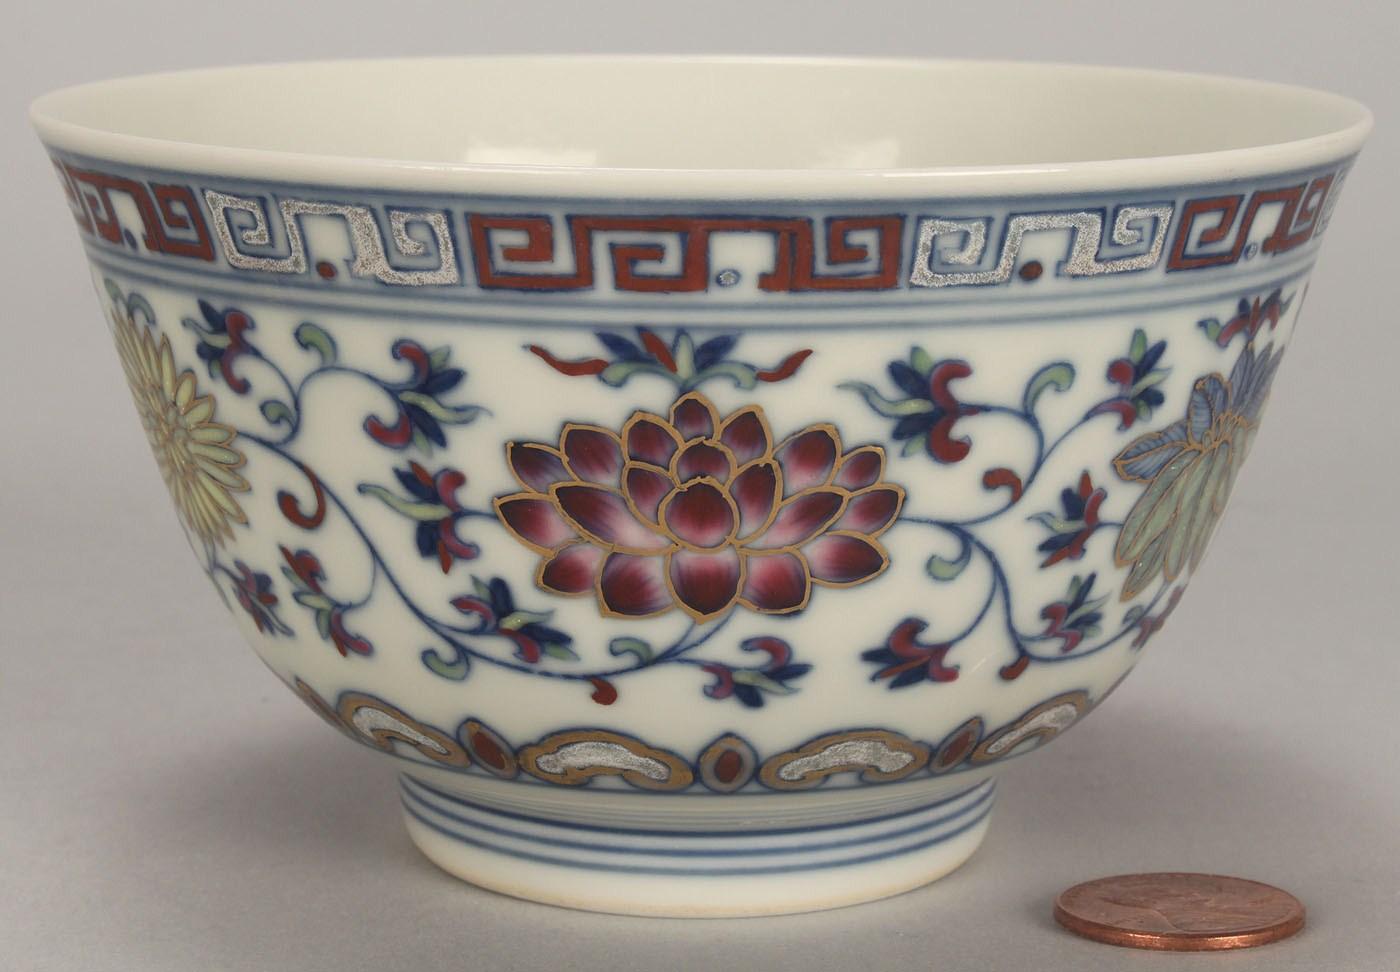 Lot 264: Chinese Wucai Porcelain Bowl